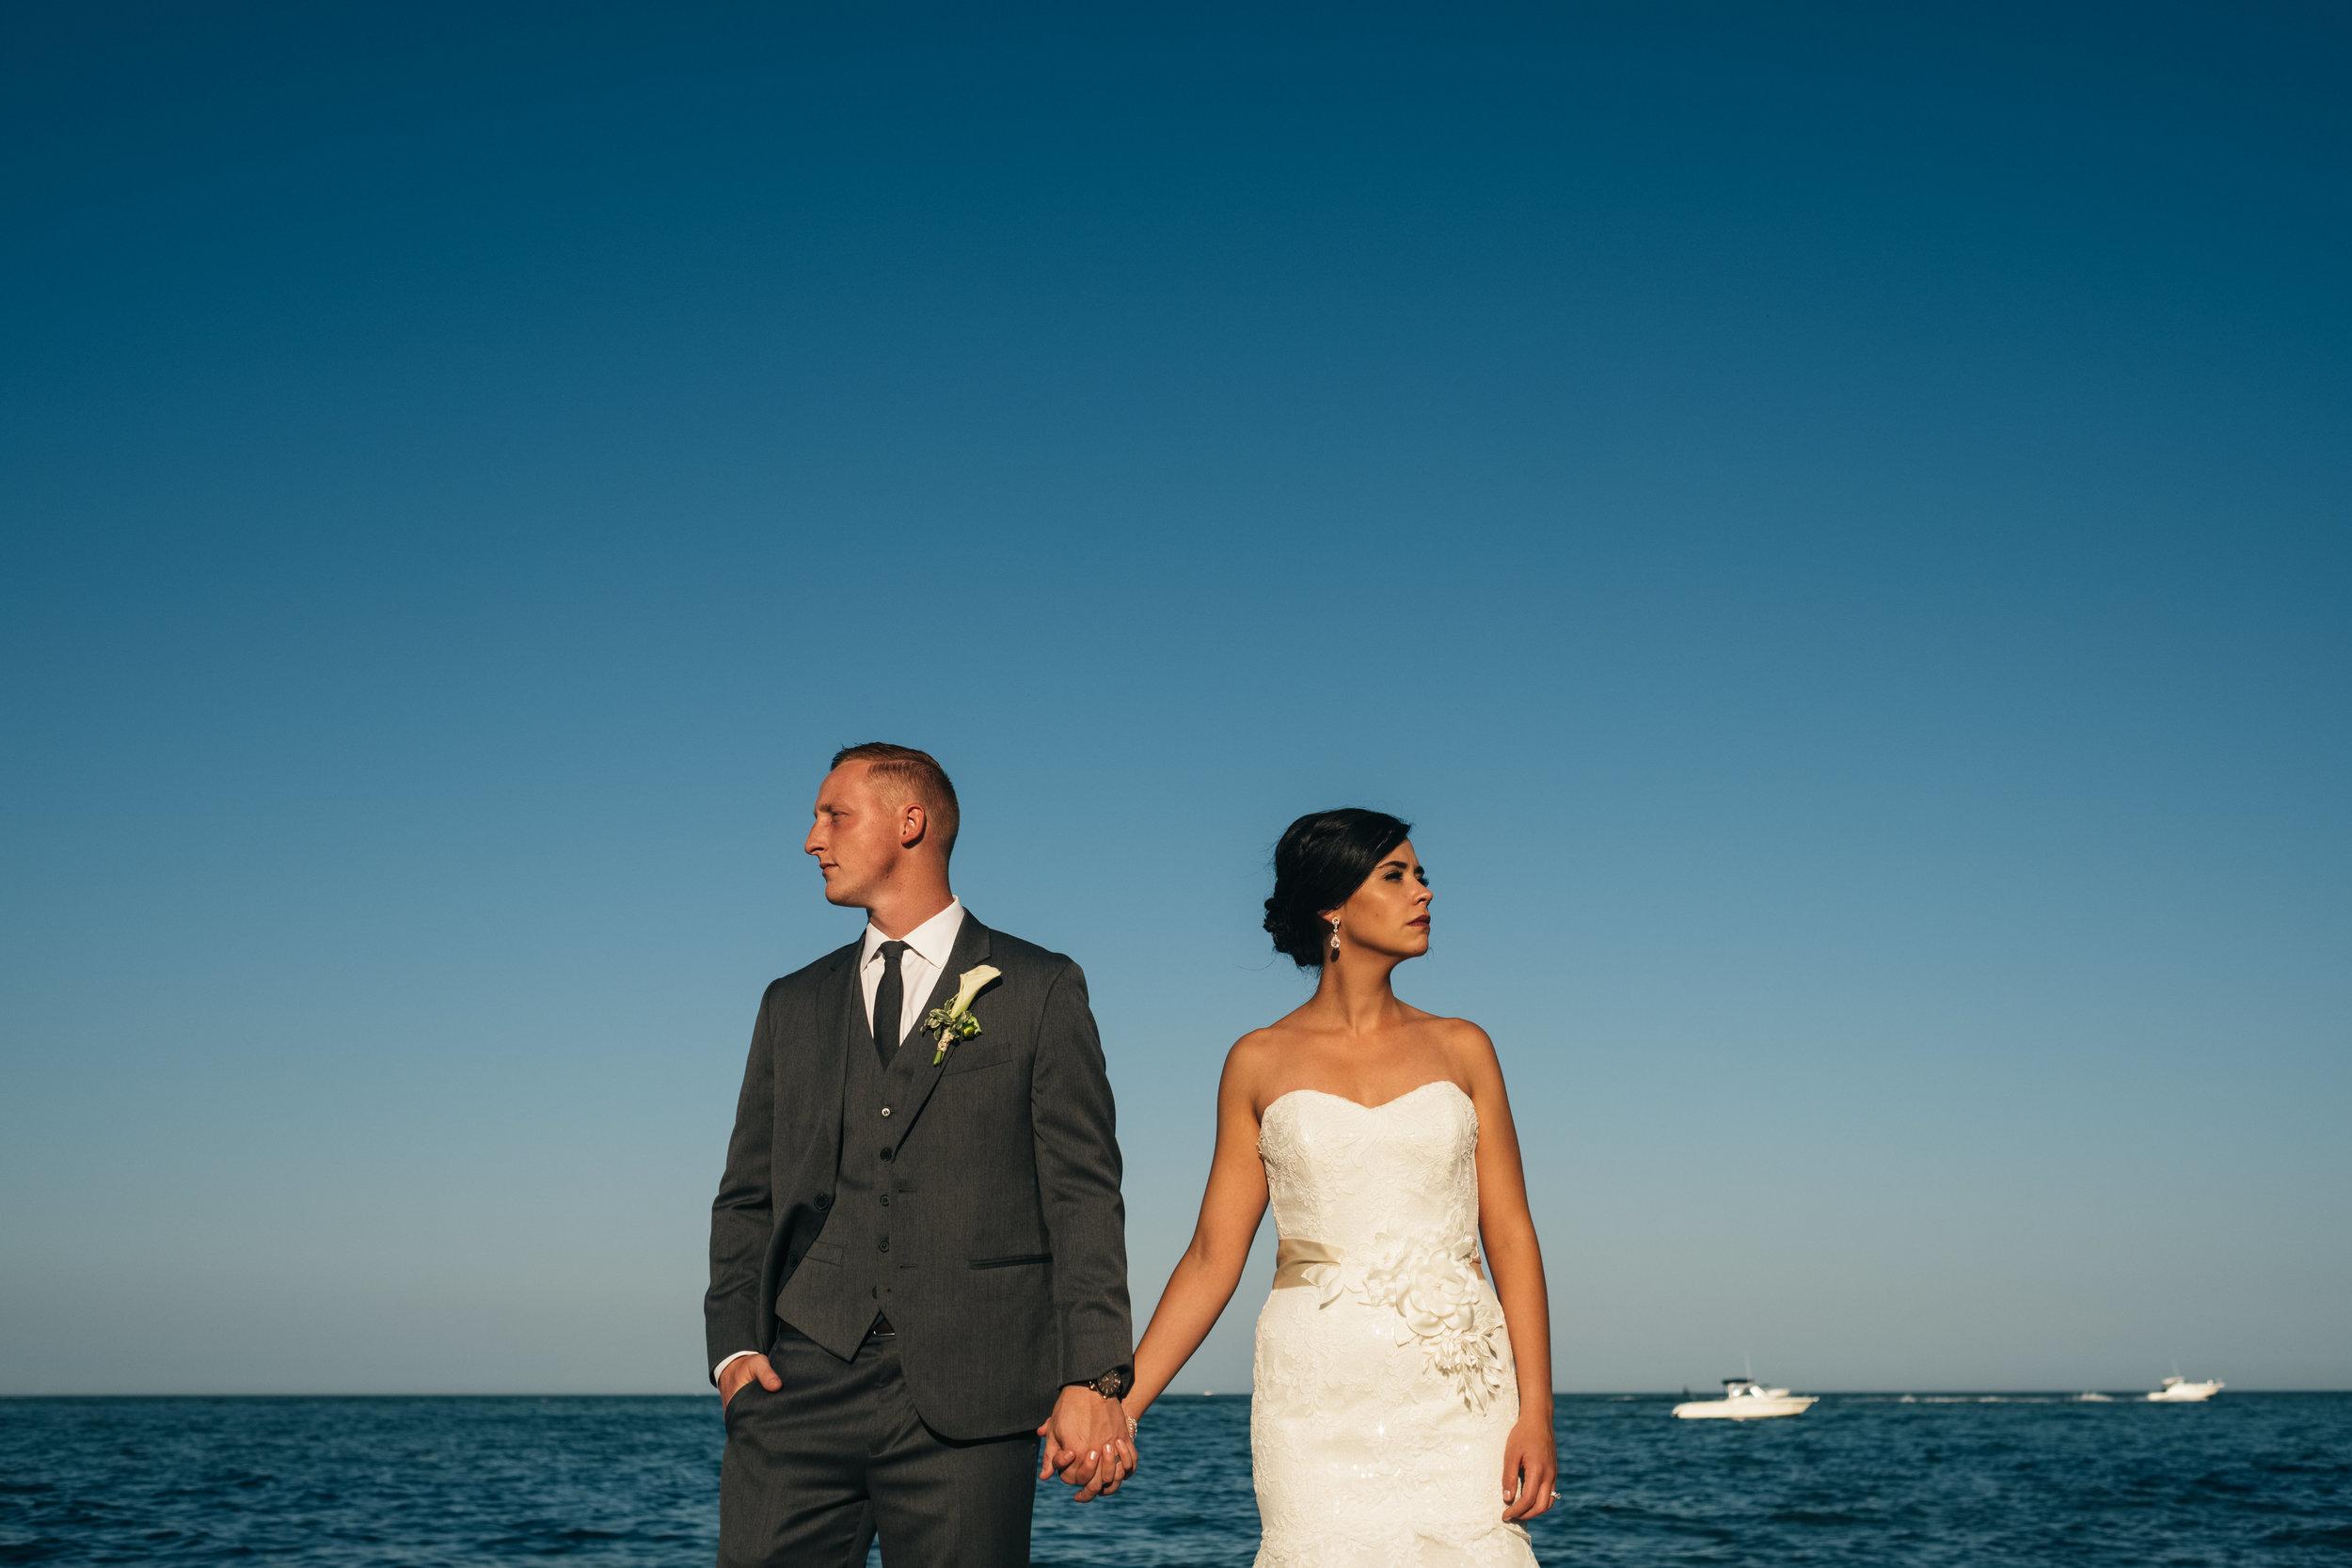 toledo_wedding_photographers_with_bride_and_groom_on_wedding_day